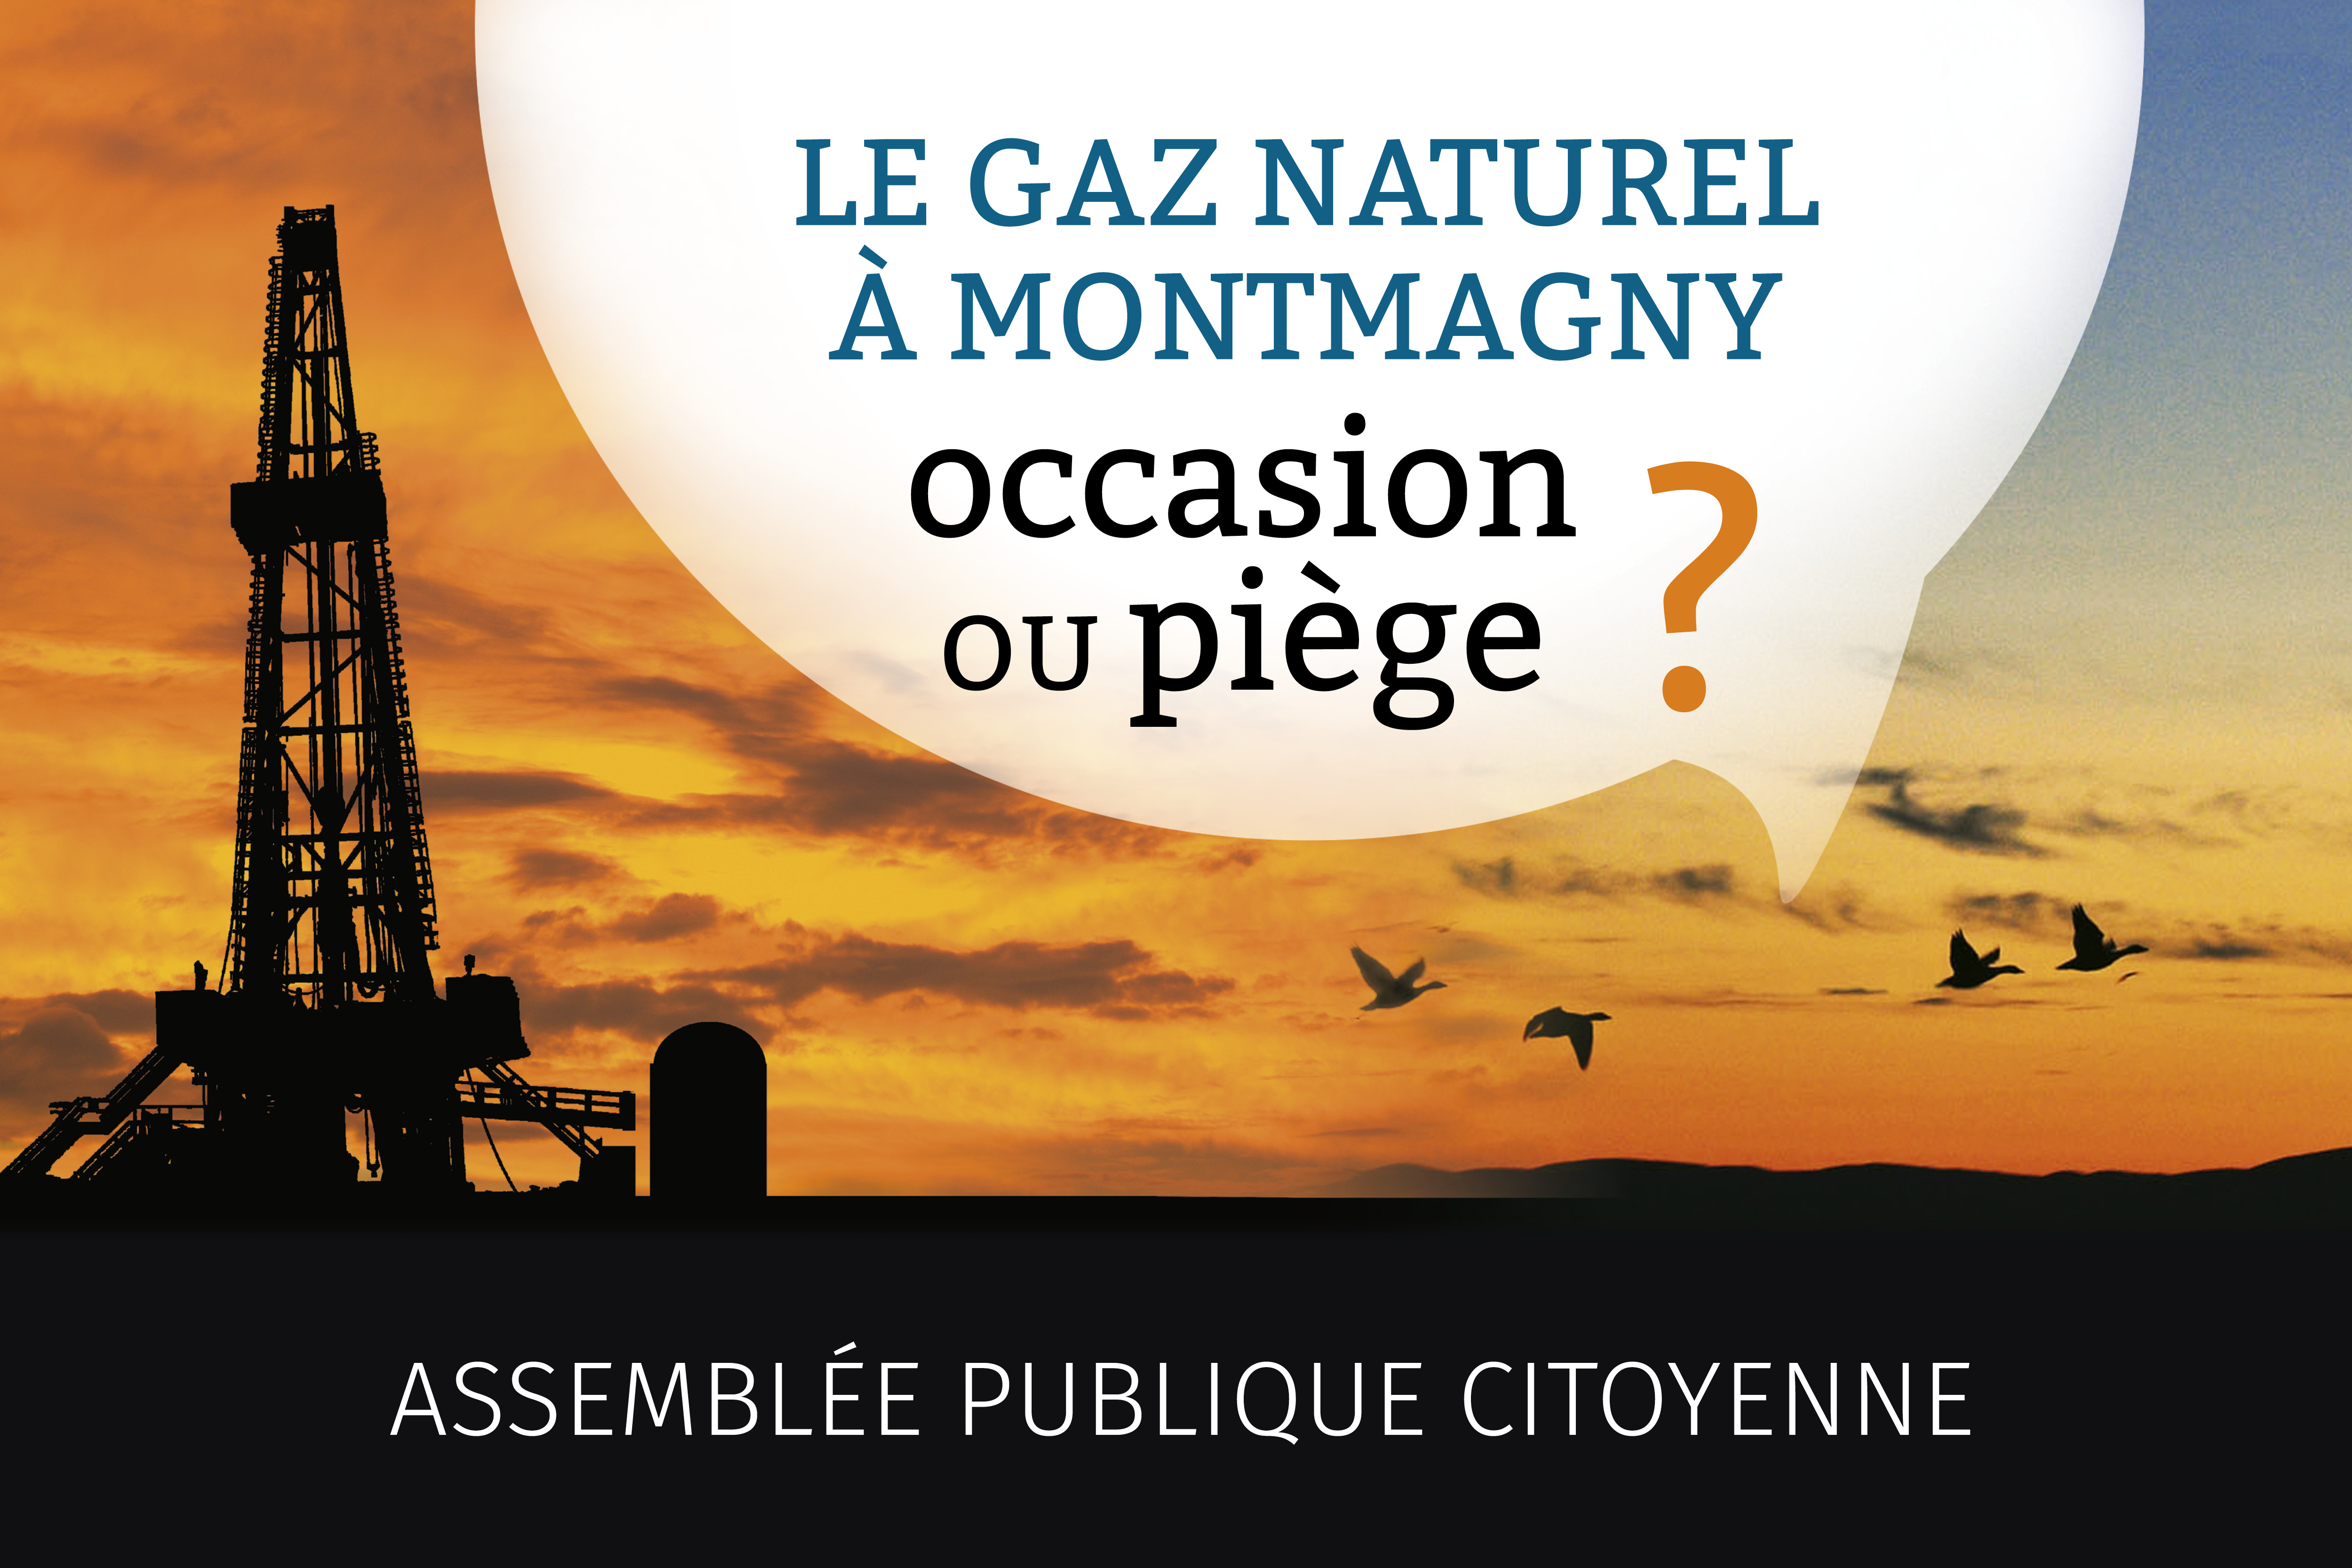 Vidéo de l'assemblée publique citoyenne sur le gaz naturel à Montmagny